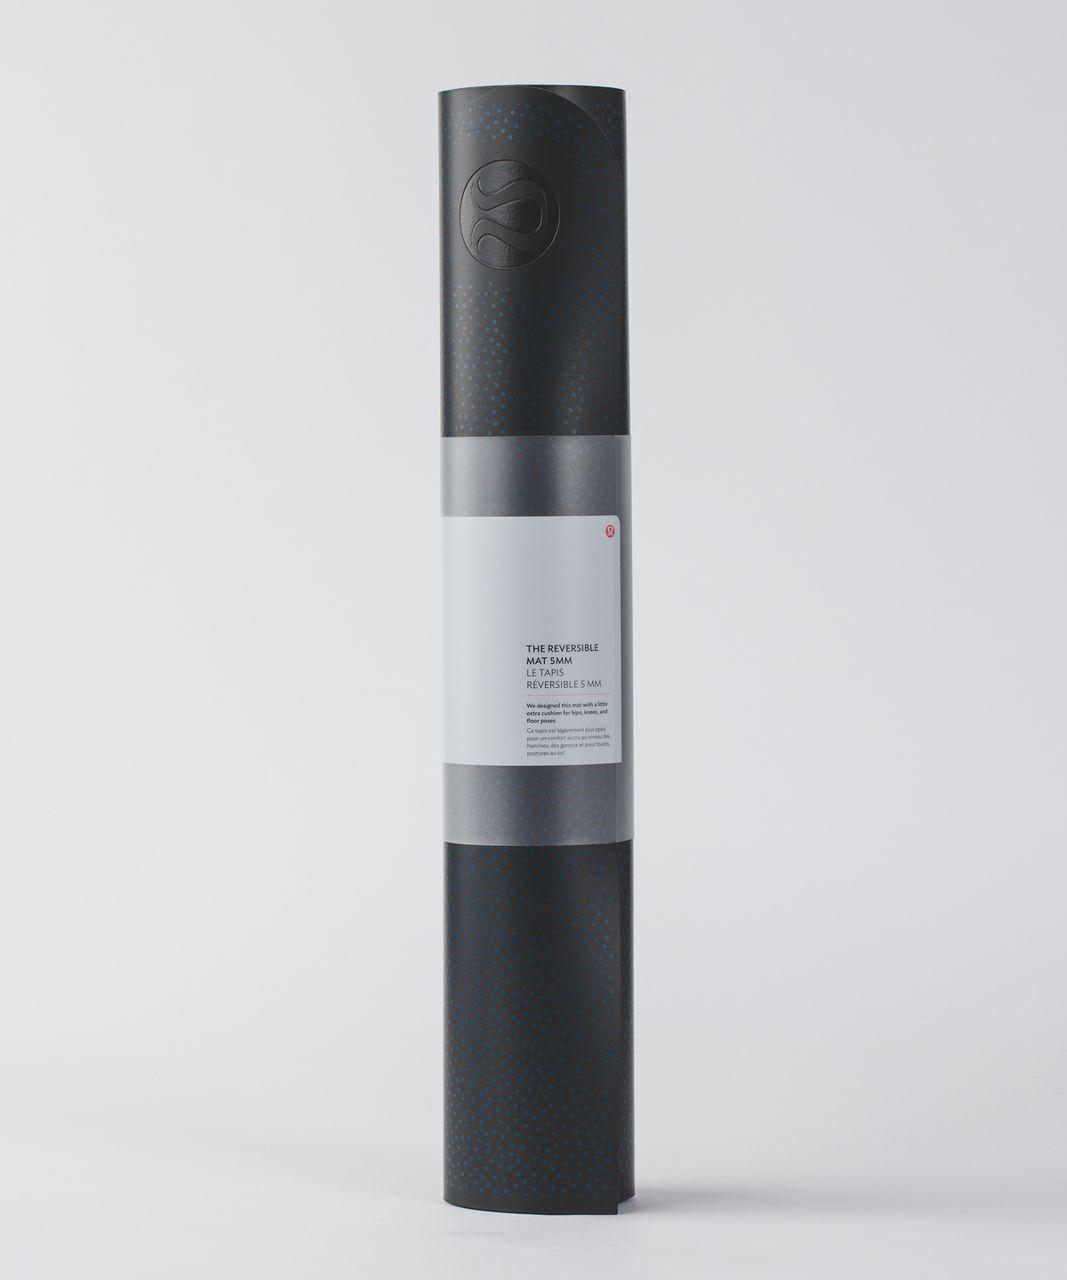 Lululemon The Reversible Mat 5mm - Frozen Fizz Capri Black / Capri